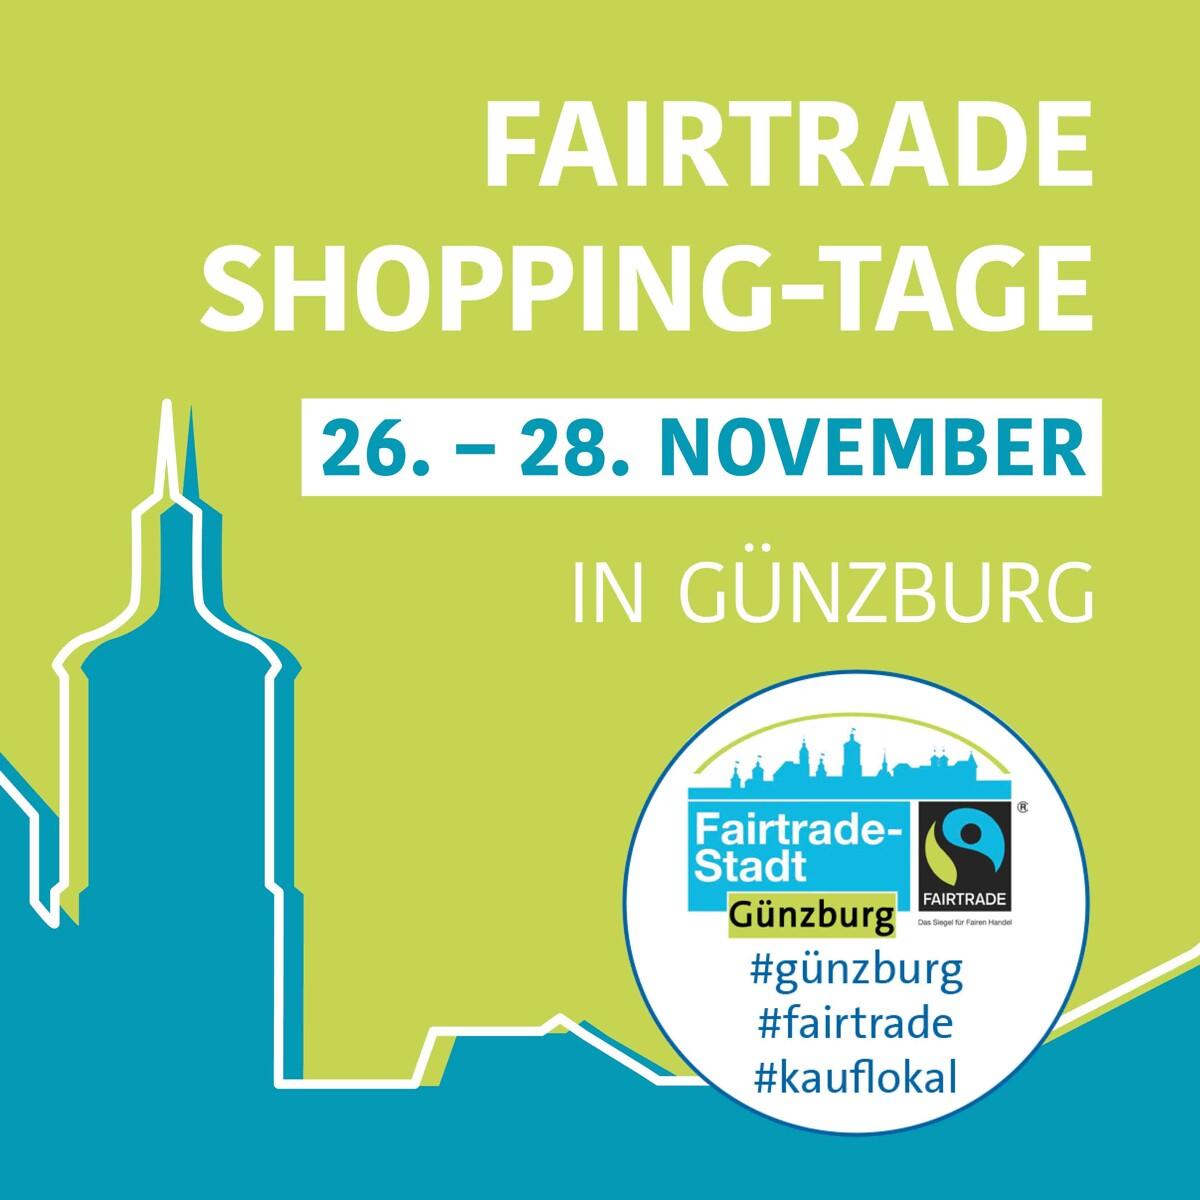 Fairtrade Shopping Tage